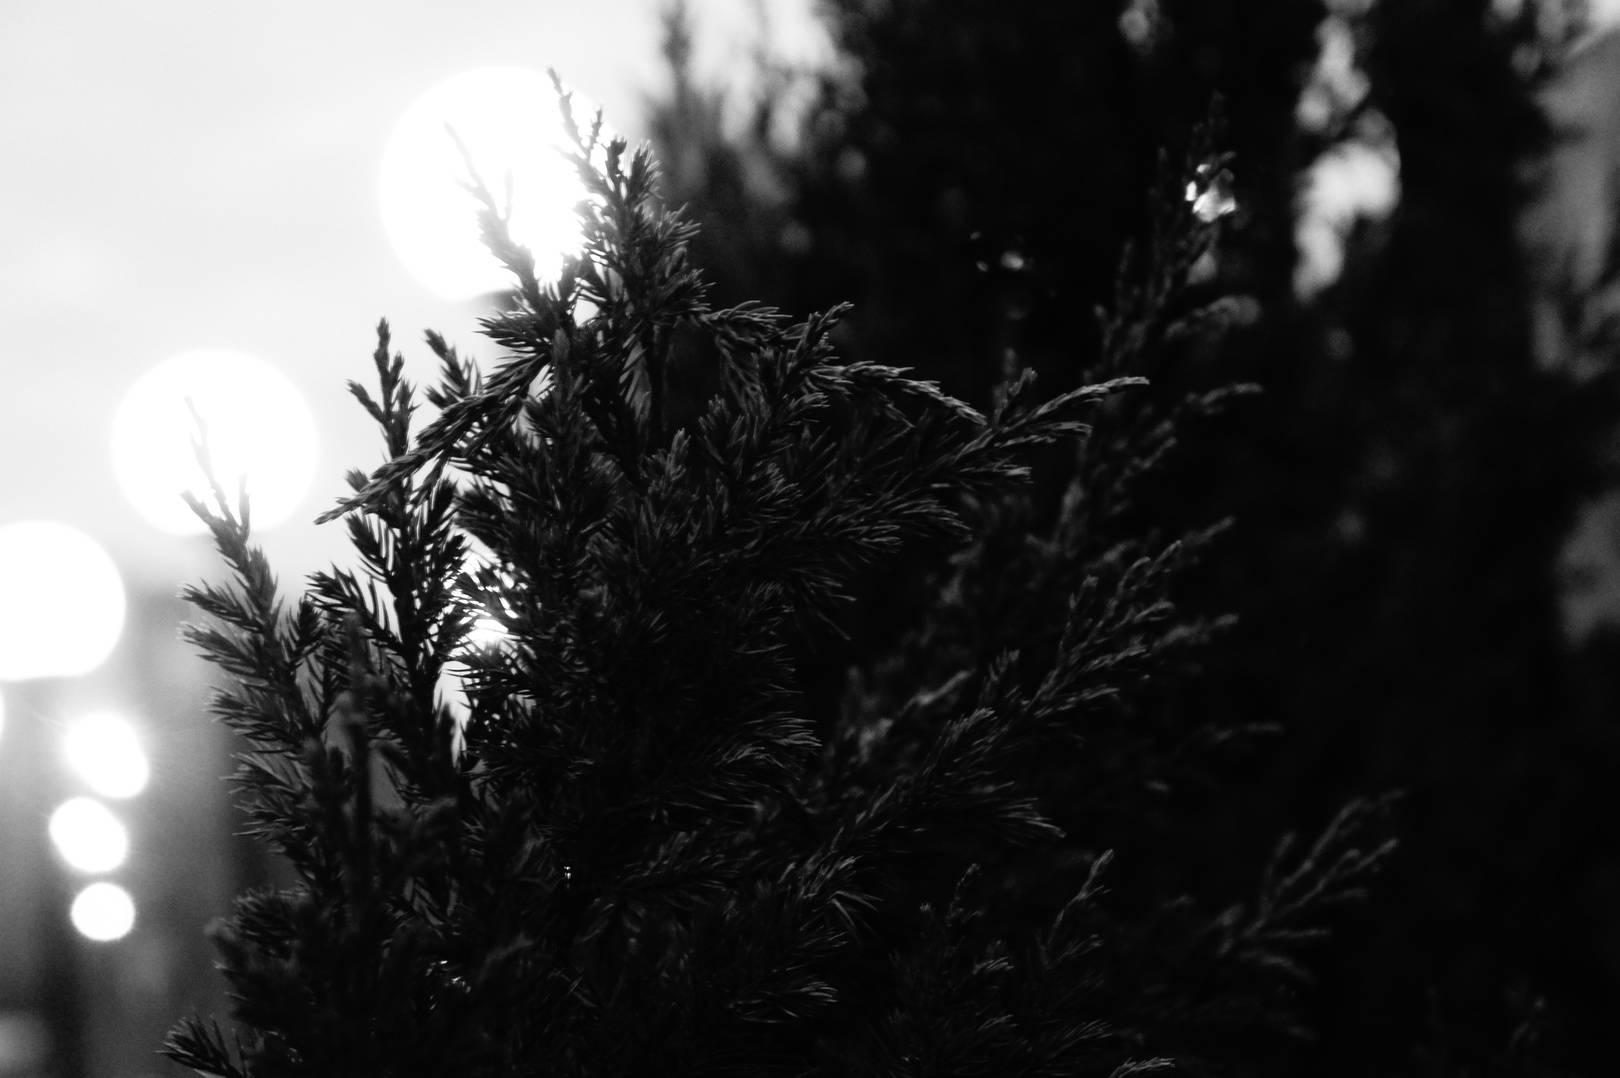 Монохром - баланс черного и белого